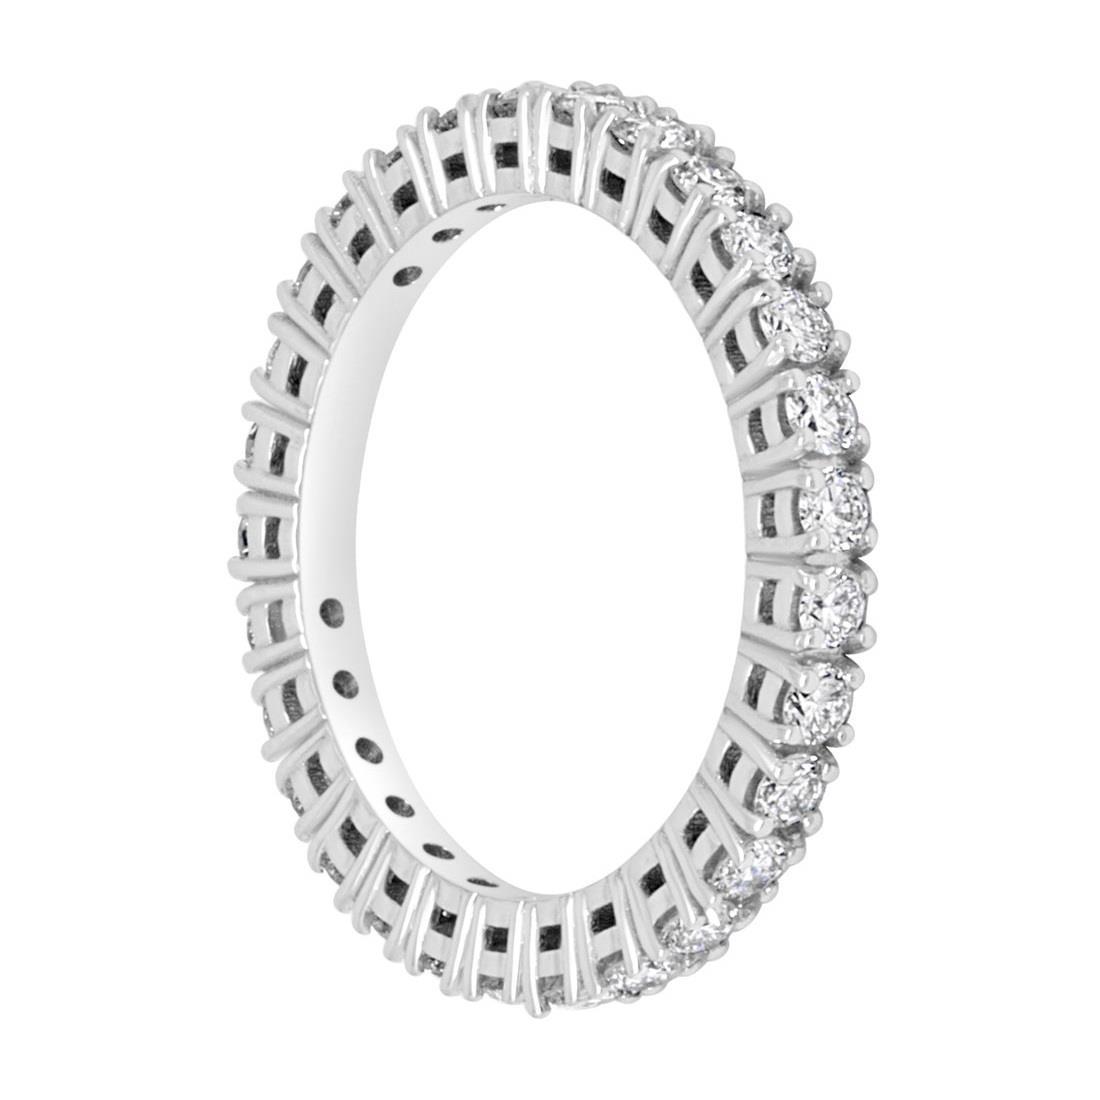 Anello eternity in oro bianco e diamanti ct 0.86 - ALFIERI & ST. JOHN